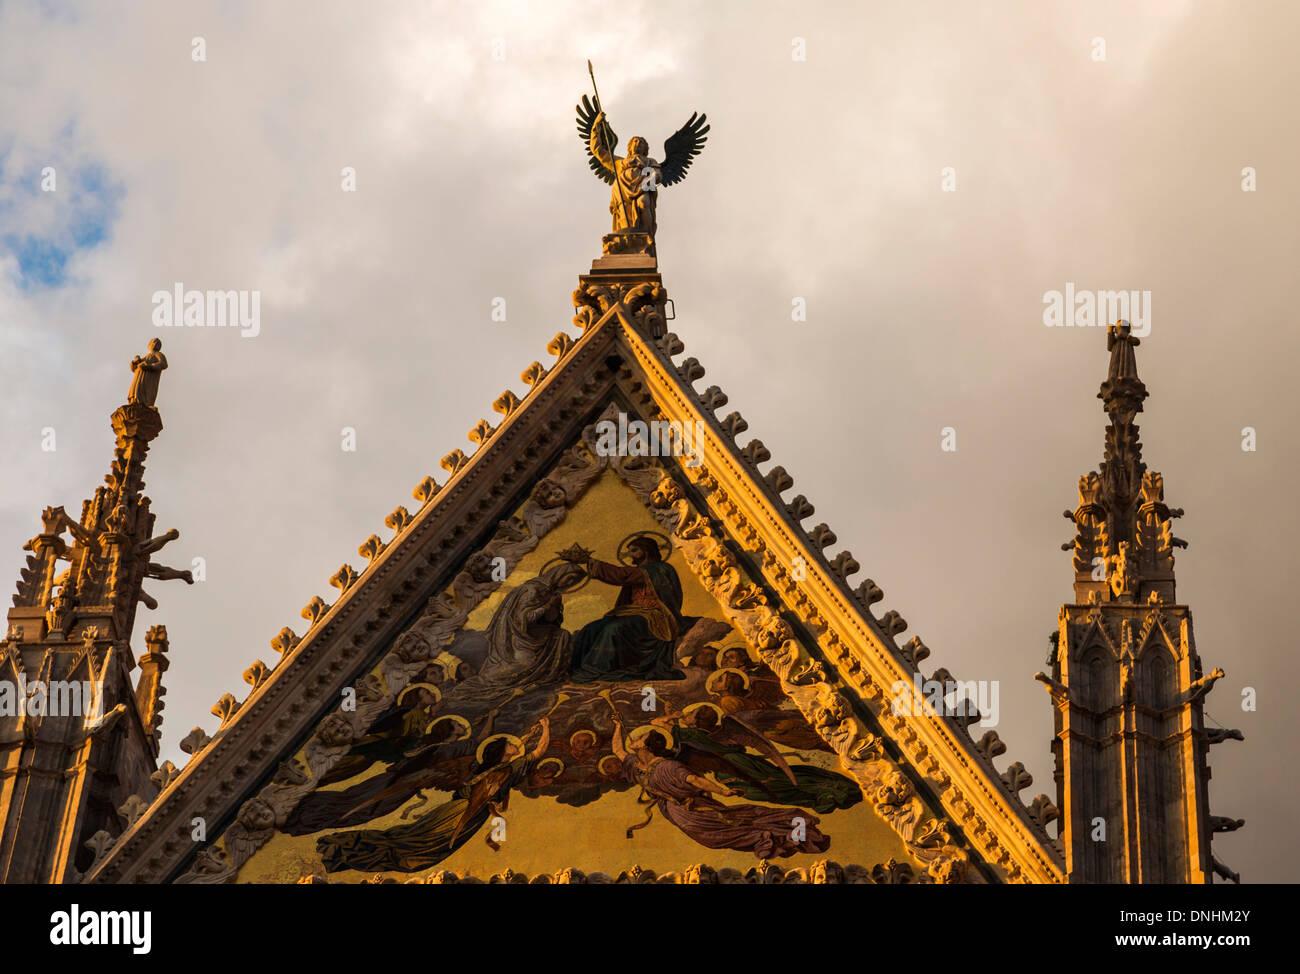 Détail architectural d'une cathédrale, la Cathédrale de Sienne, Sienne, Province de Sienne, Toscane, Italie Banque D'Images